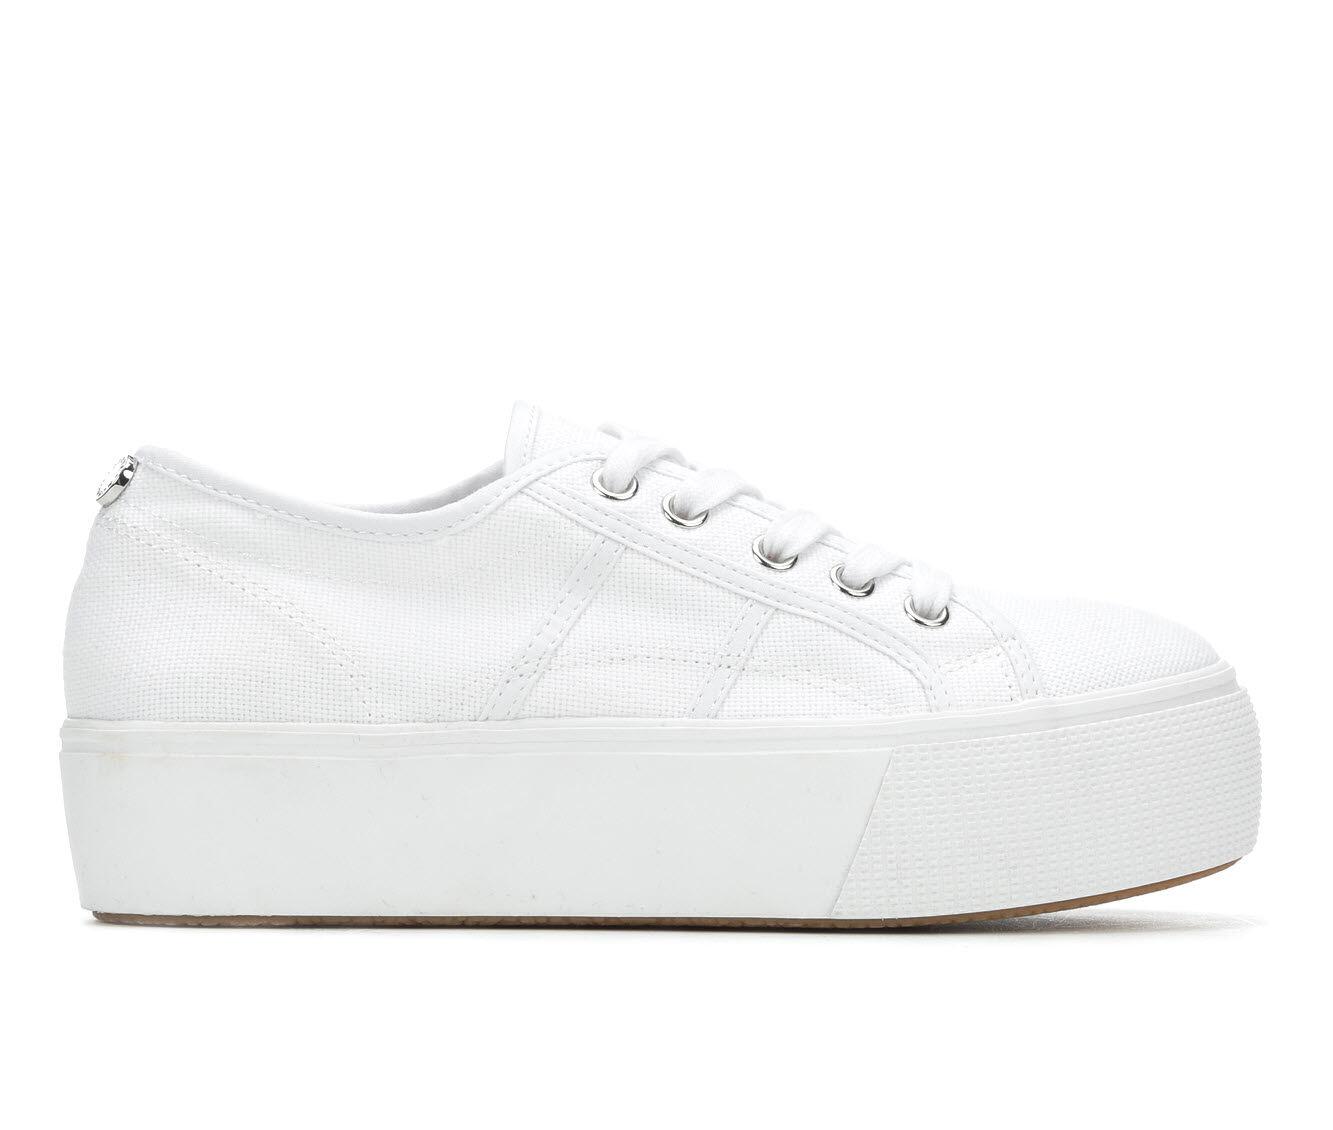 Women's Steve Madden Emmi Flatform Sneakers White